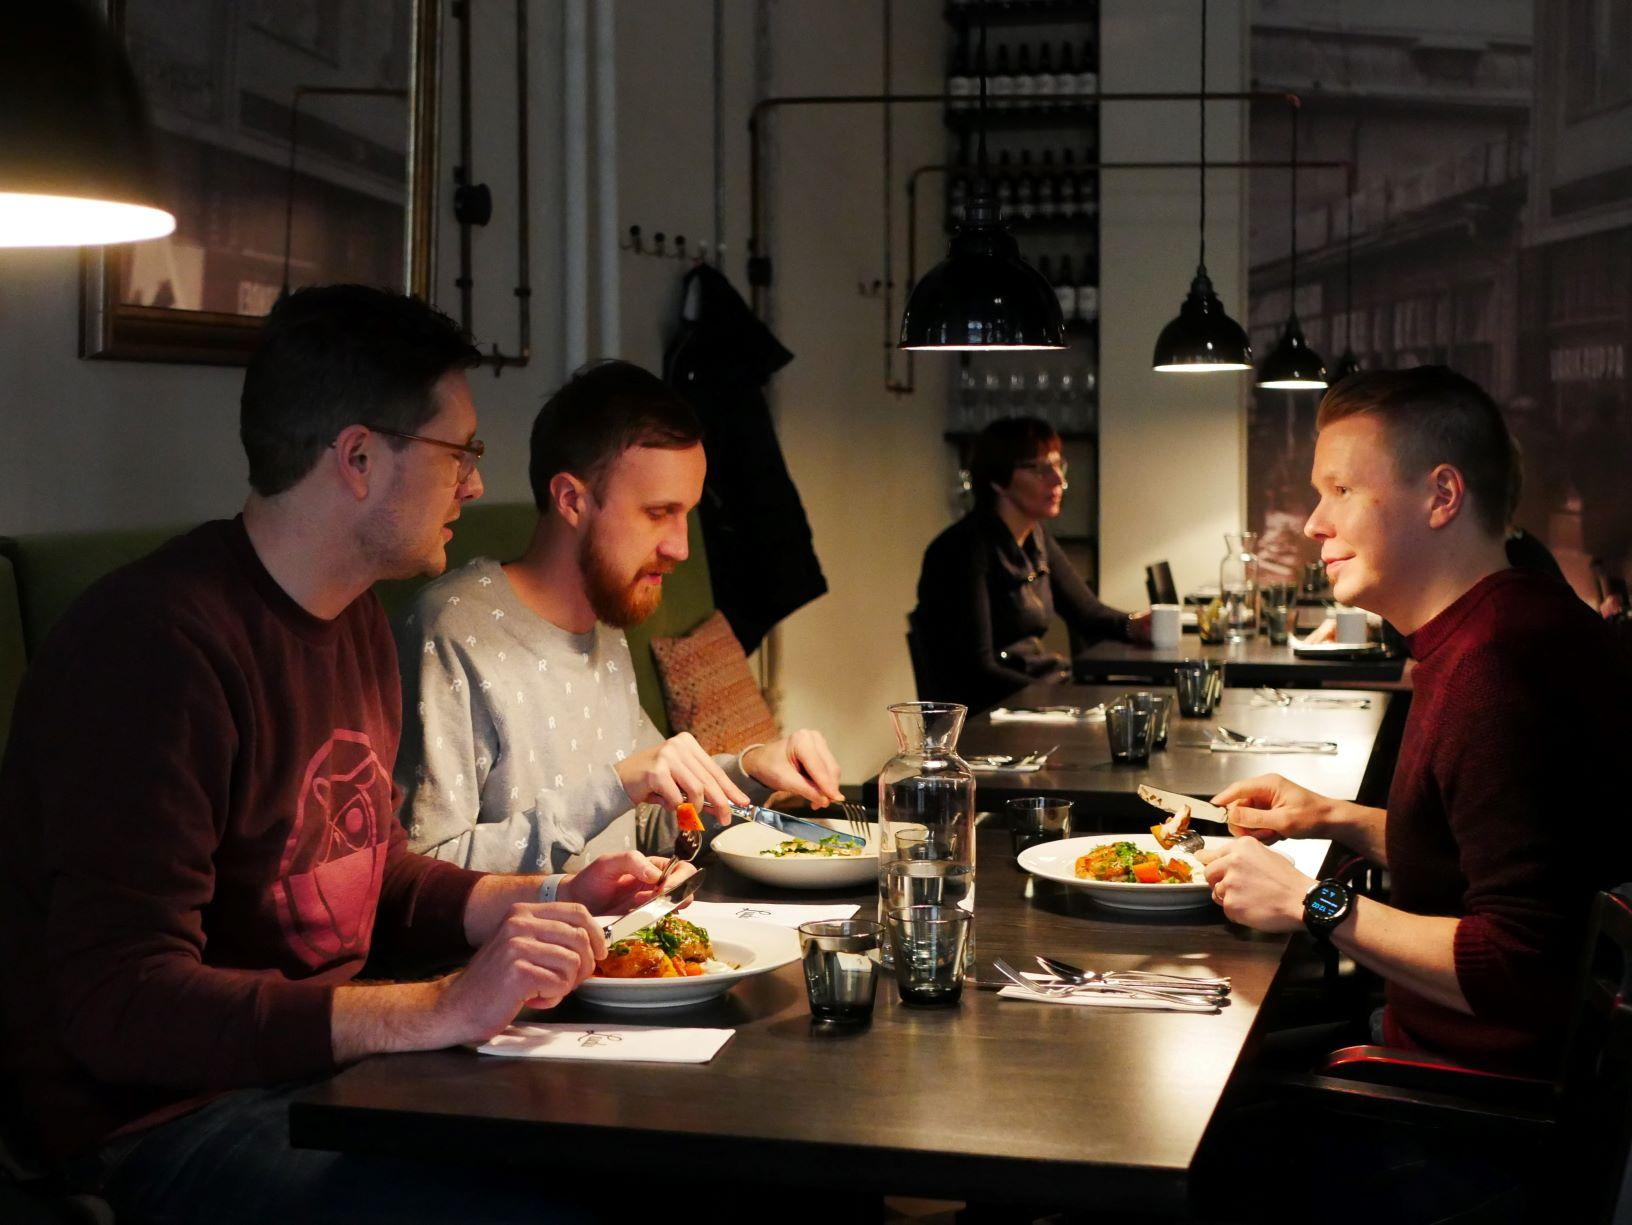 Tre personer sitter vid ett bord på en restaurang